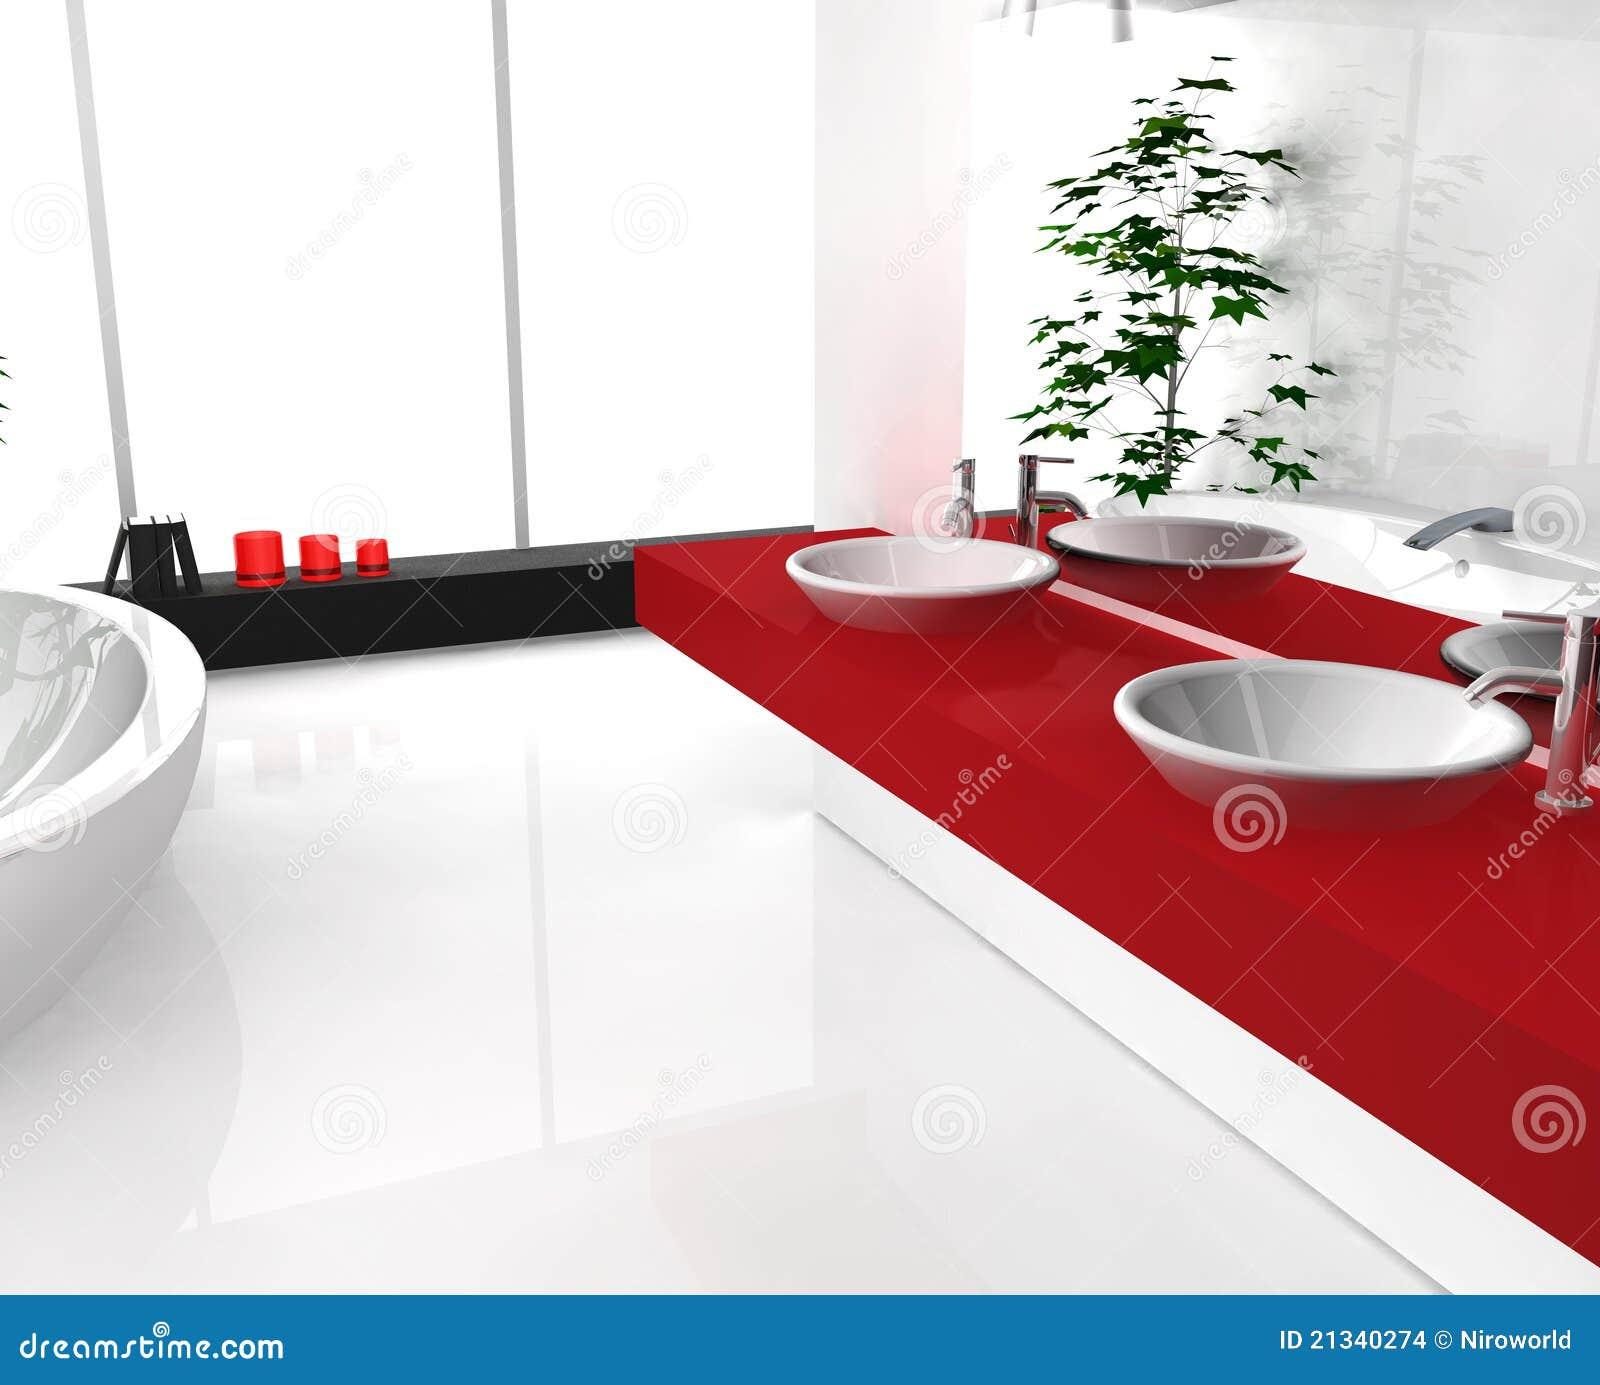 Banheiro Vermelho Luxuoso Imagens de Stock Imagem: 21340274 #9A161B 1300x1142 Banheiro Branco Com Detalhe Vermelho